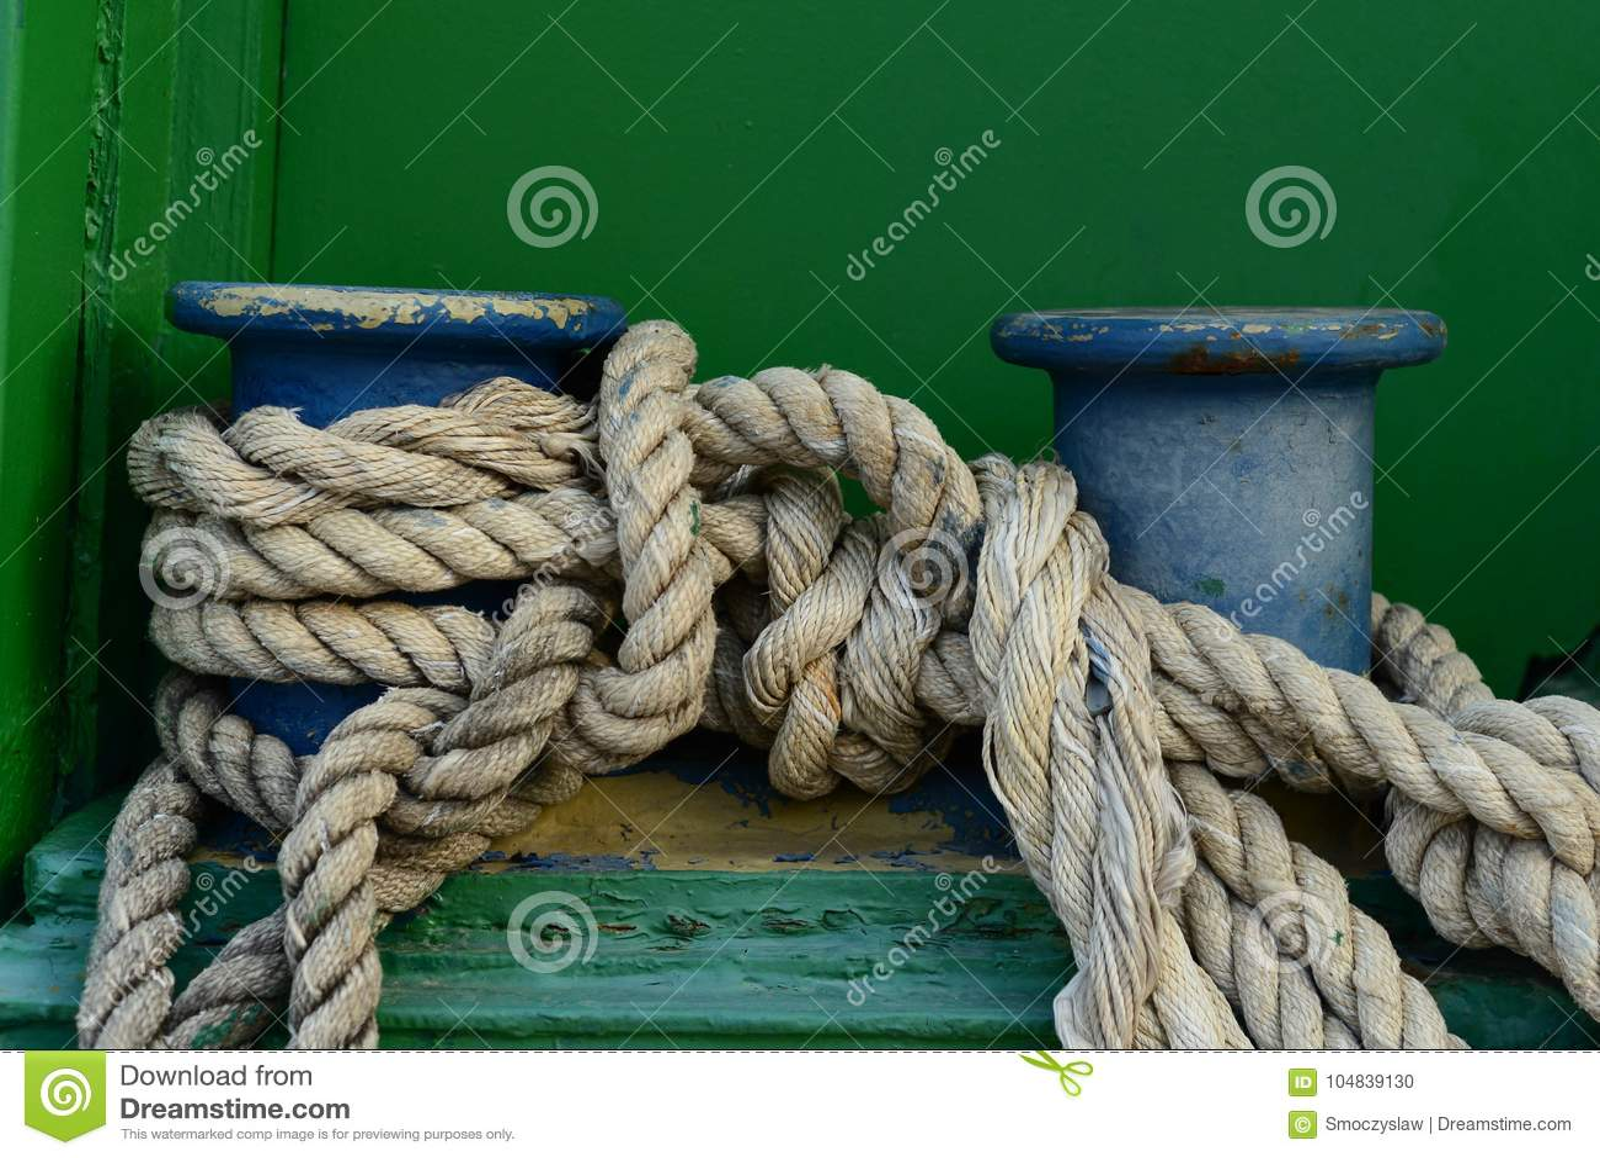 Un grande vecchio morsetto con la corda classica di attracco legata su